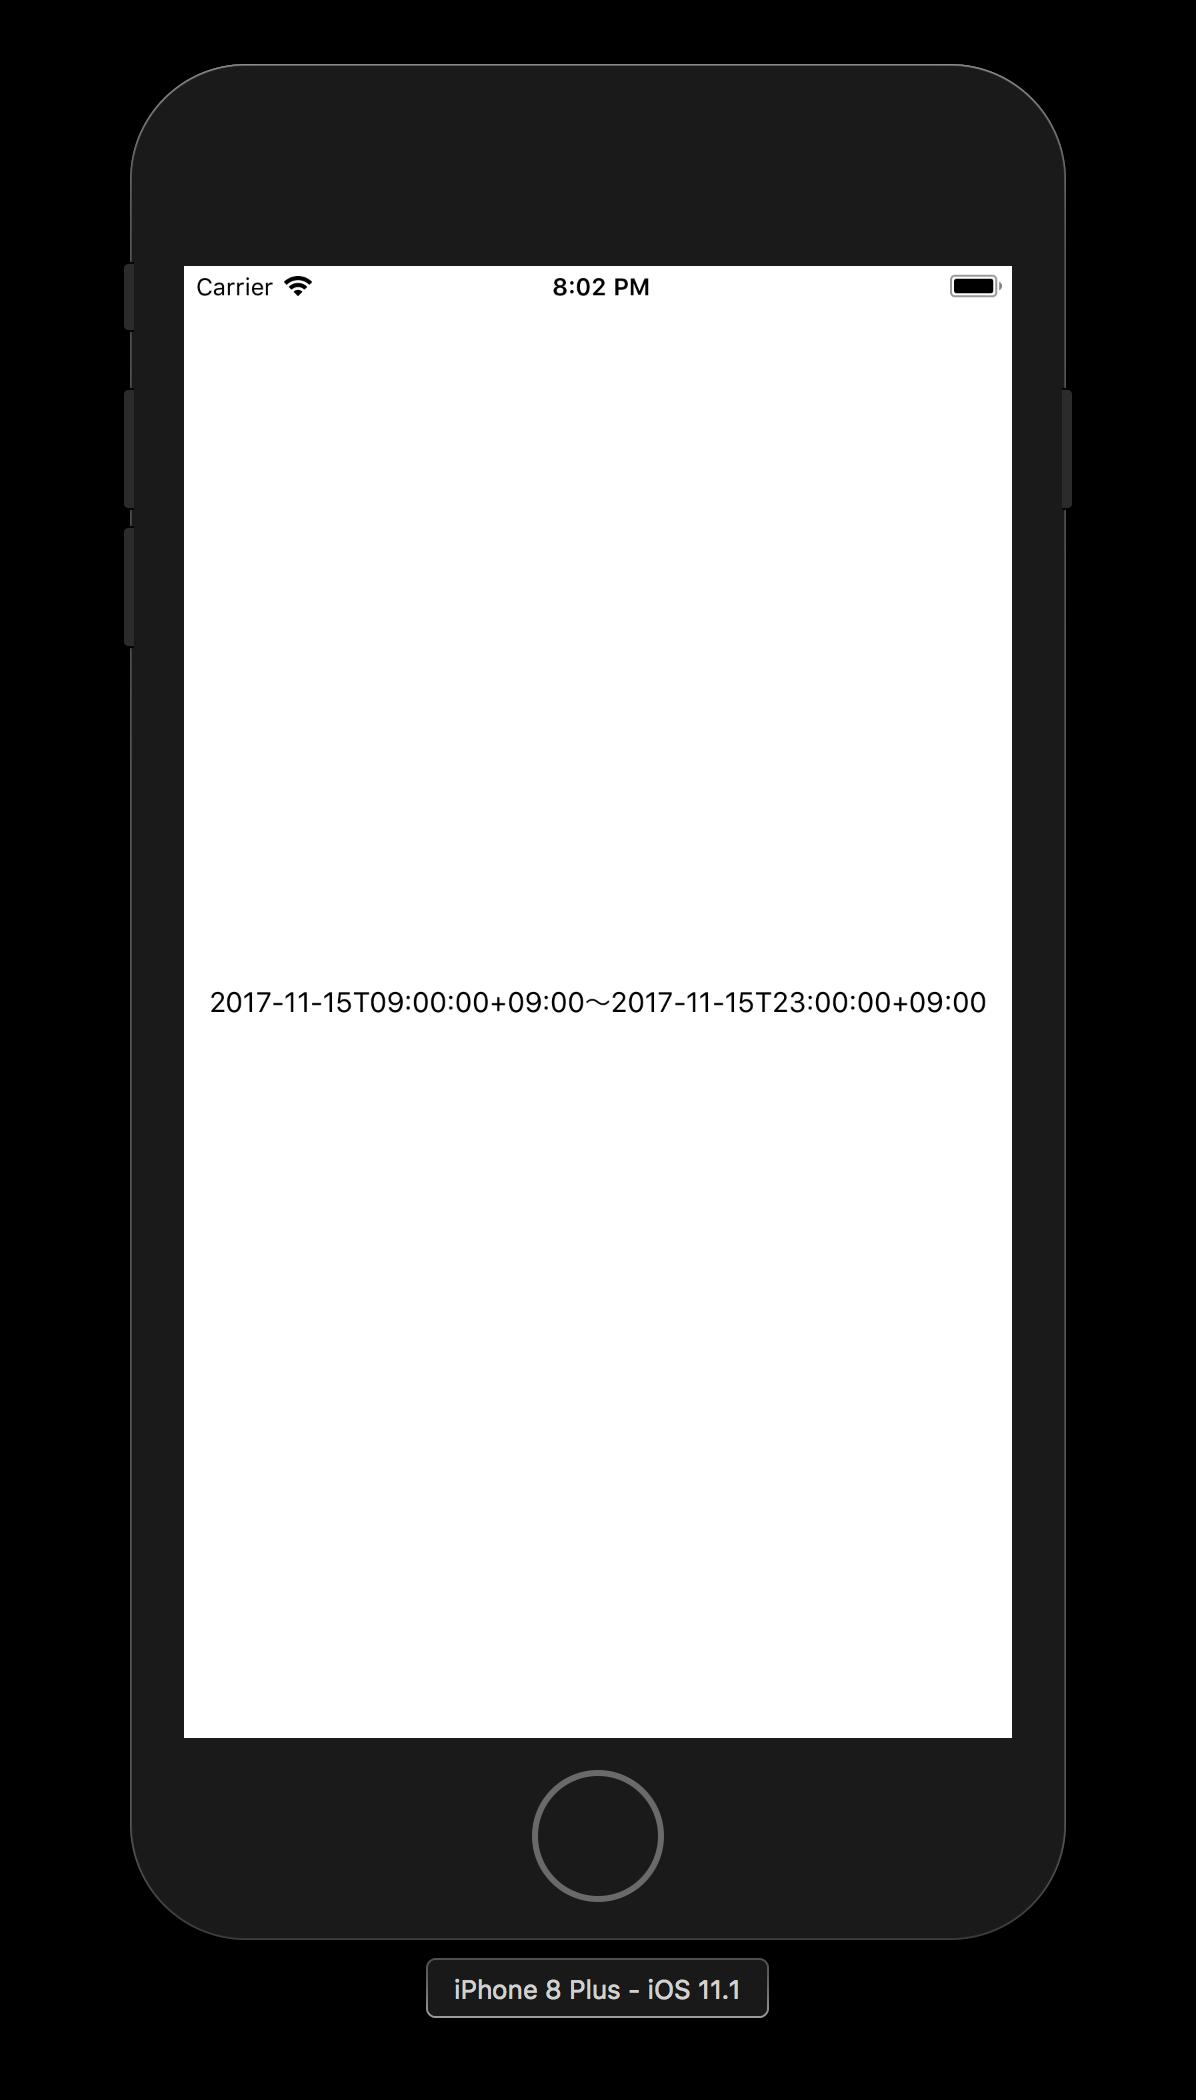 Screen Shot 2017-11-15 at 20.02.26.png